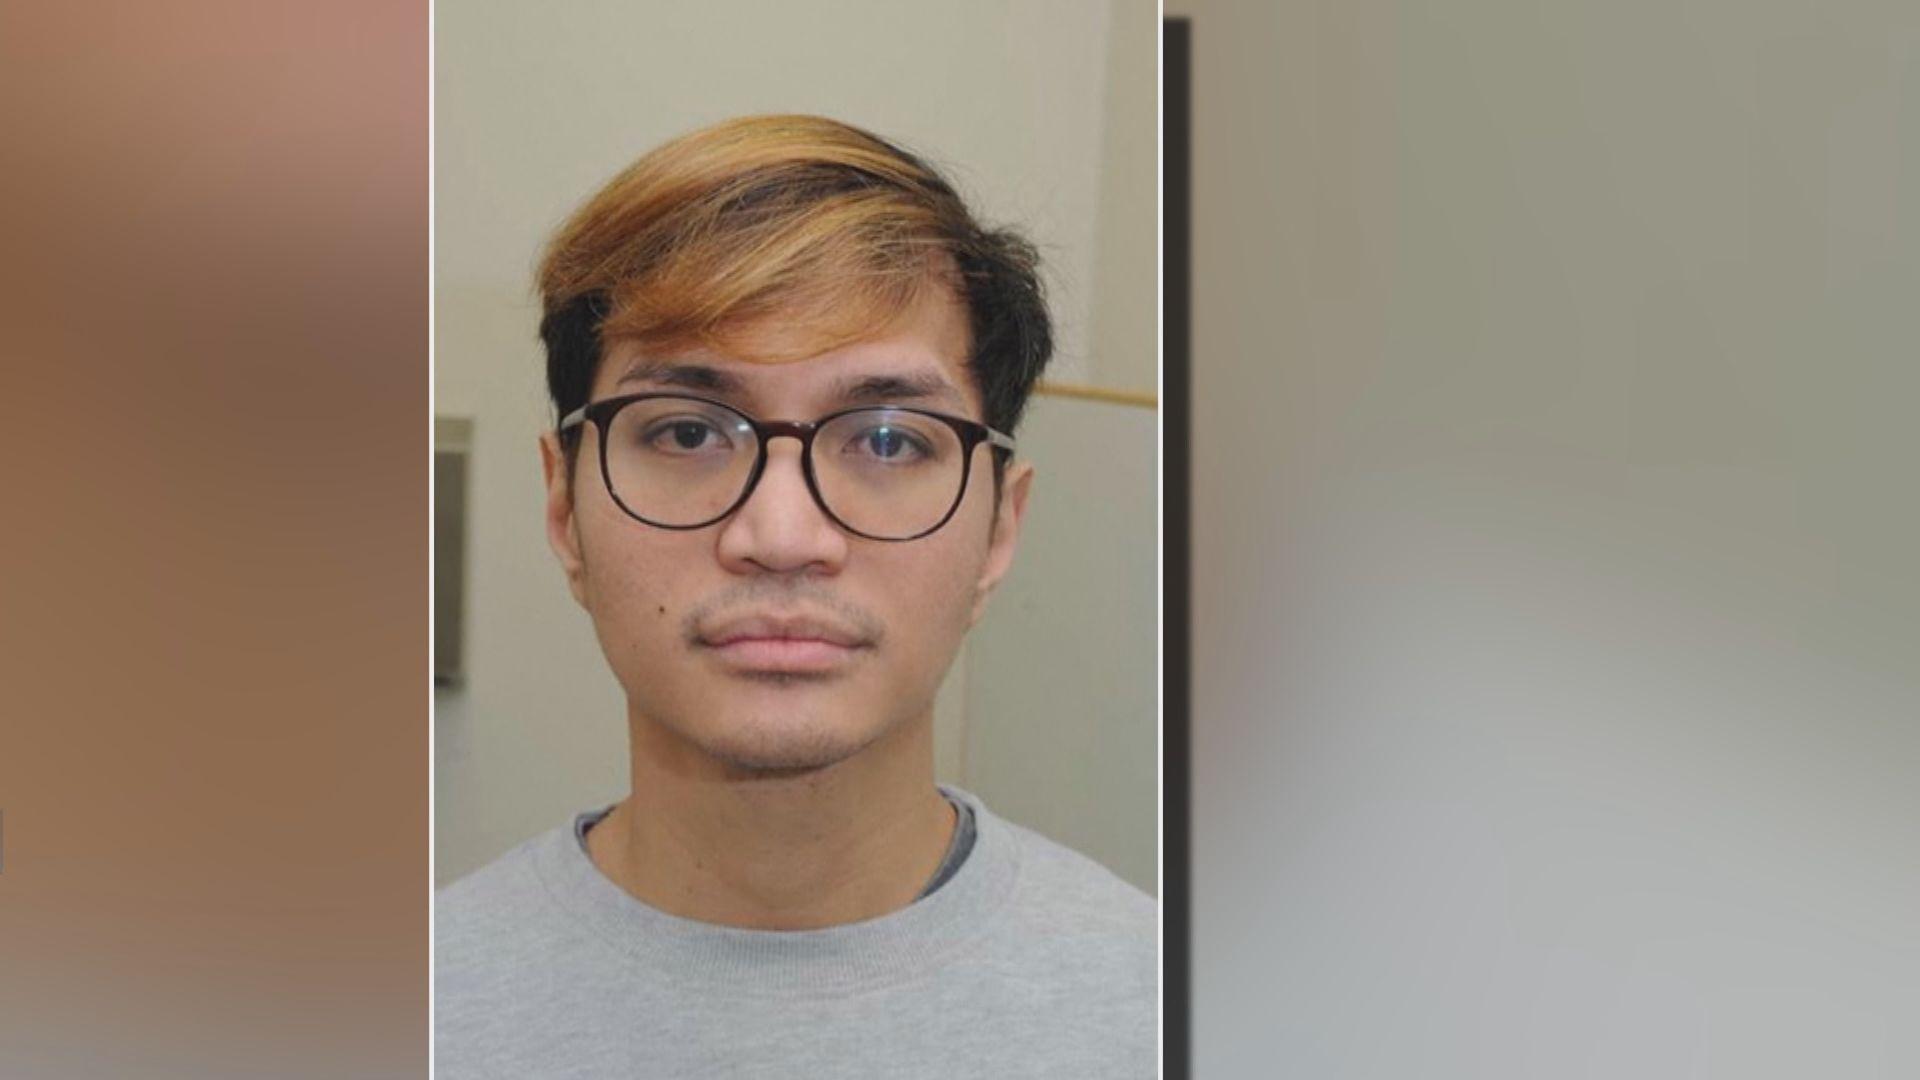 英國一印尼學生逾130項強姦罪成 判囚終身